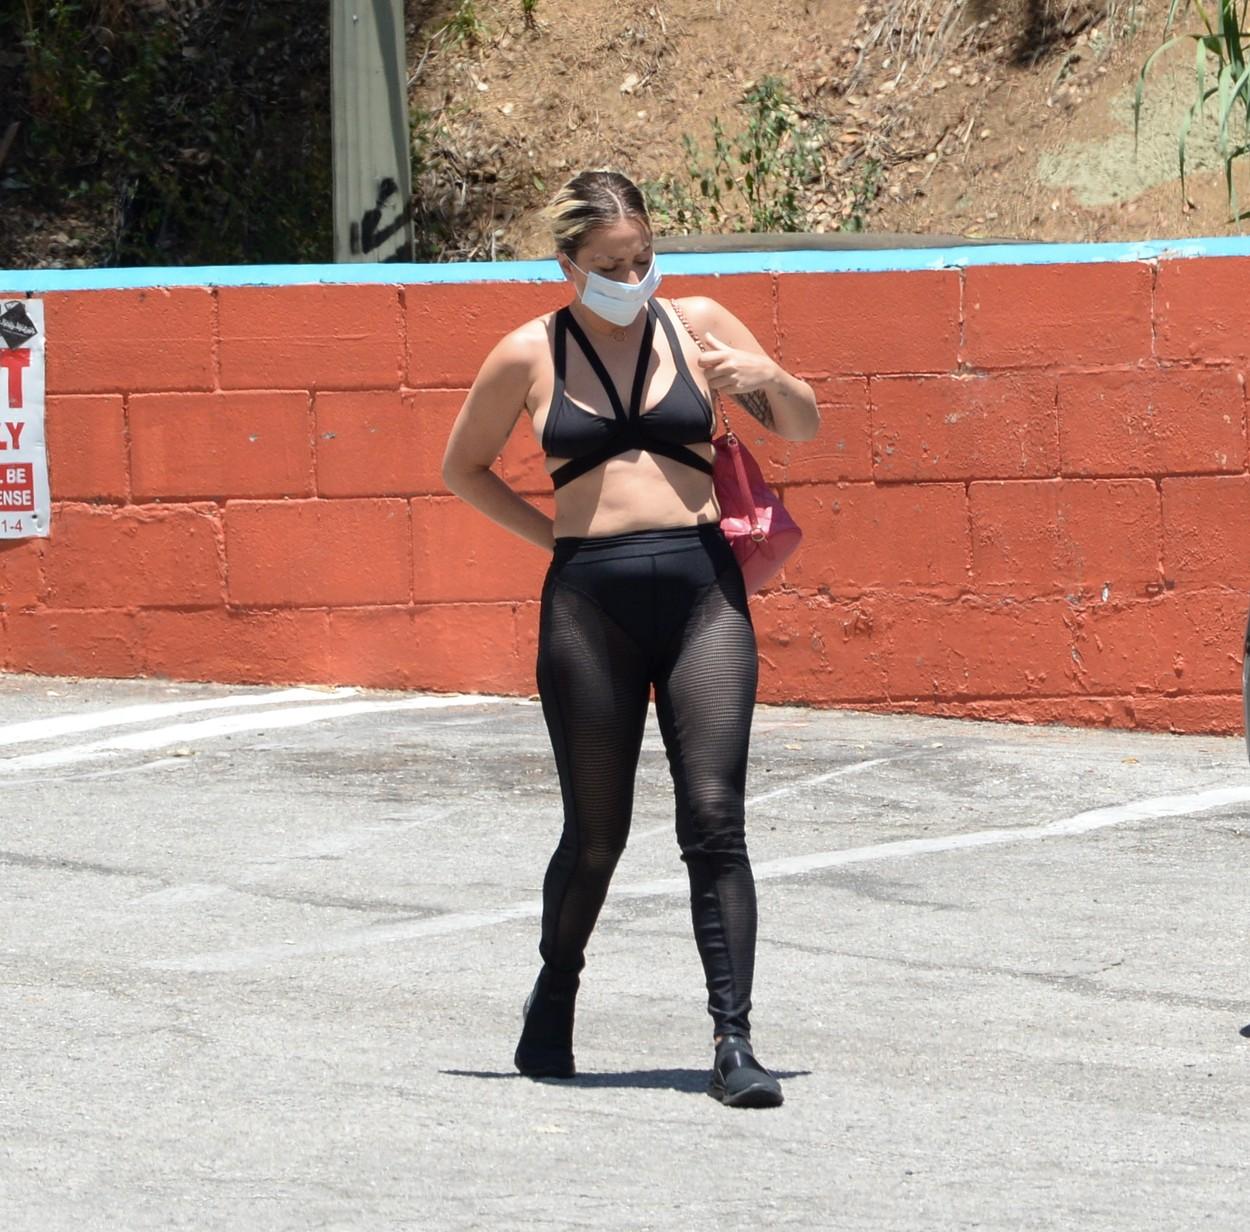 Lady Gaga, surprinsă într-o ținută îndrăzneață la Hollywood, alături de iubitul ei. GALERIE FOTO